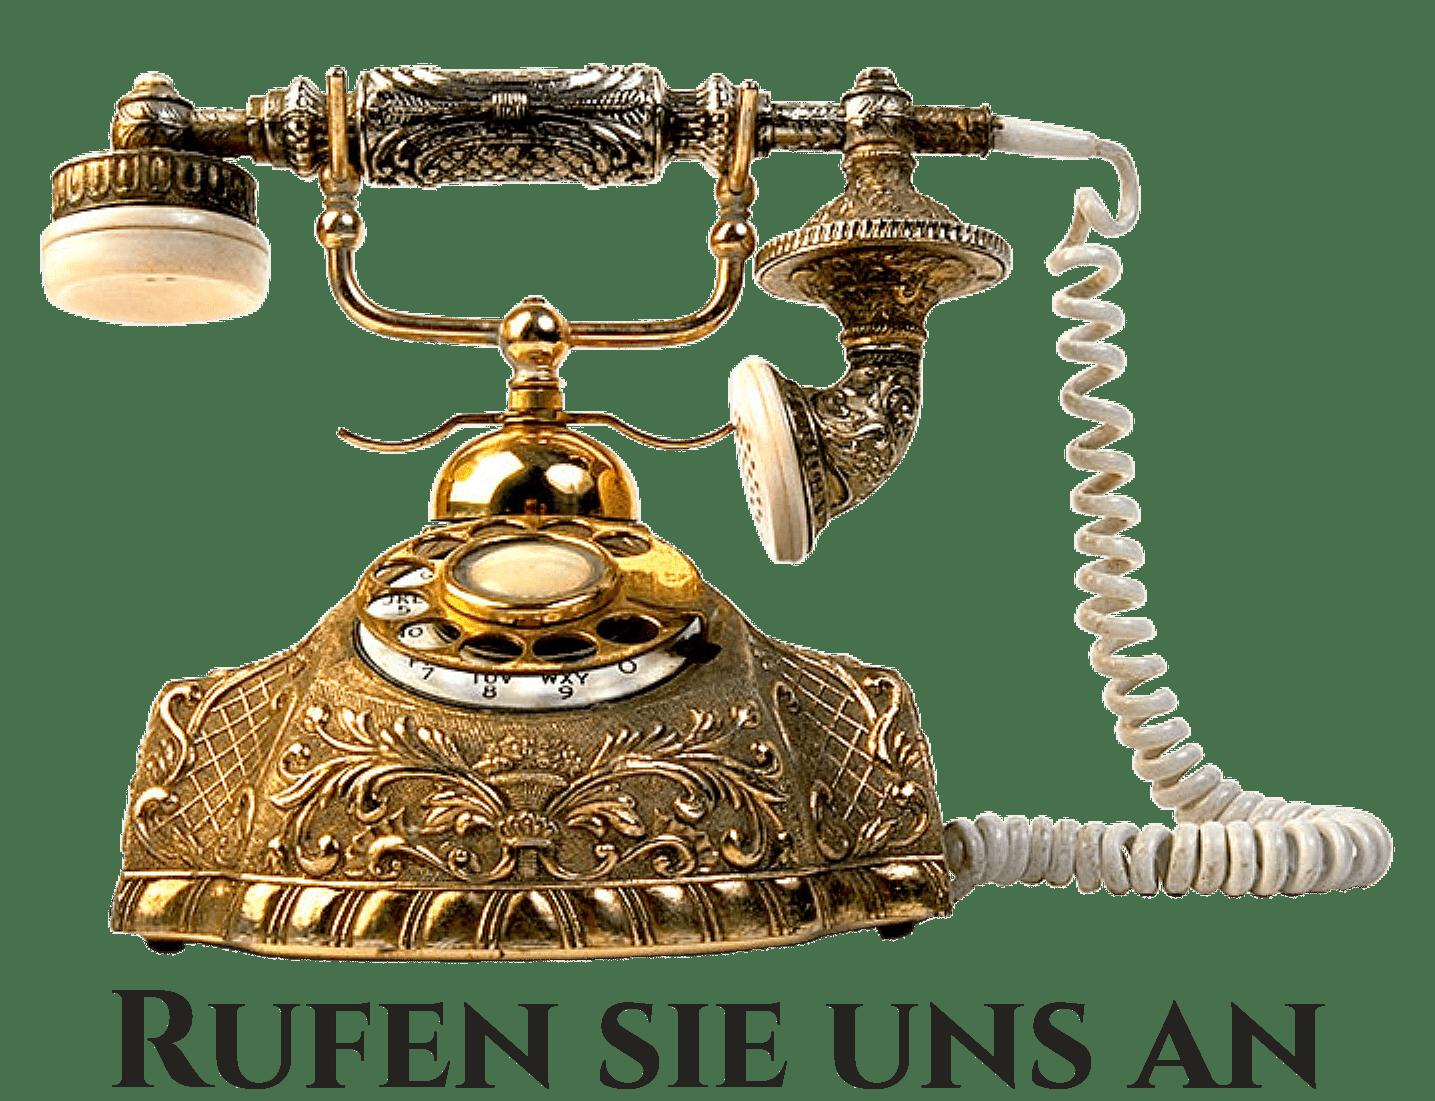 grafschafter_antiquitaeten_bares_anruf_kontakt_telefon_solingen_ohligs_ankauf_verkauf_goldankauf_modeschmuck_rolex_antikankauf_antiquitäten_porzellan_gold_nachlässe_anruf_rares